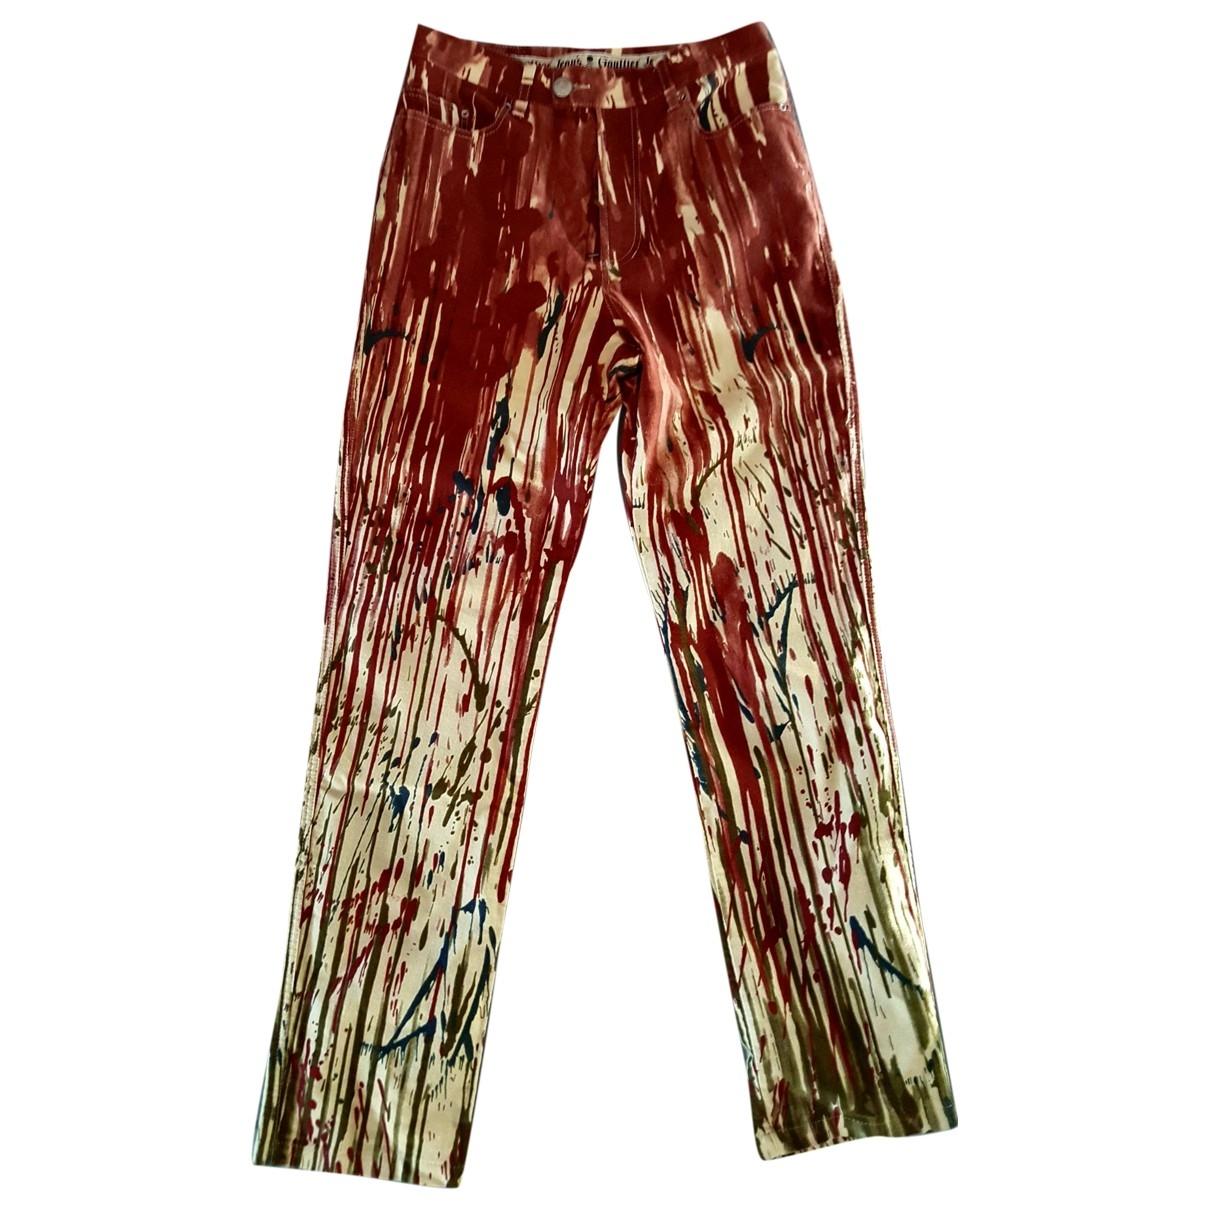 Jean Paul Gaultier \N Burgundy Denim - Jeans Trousers for Women 40 FR